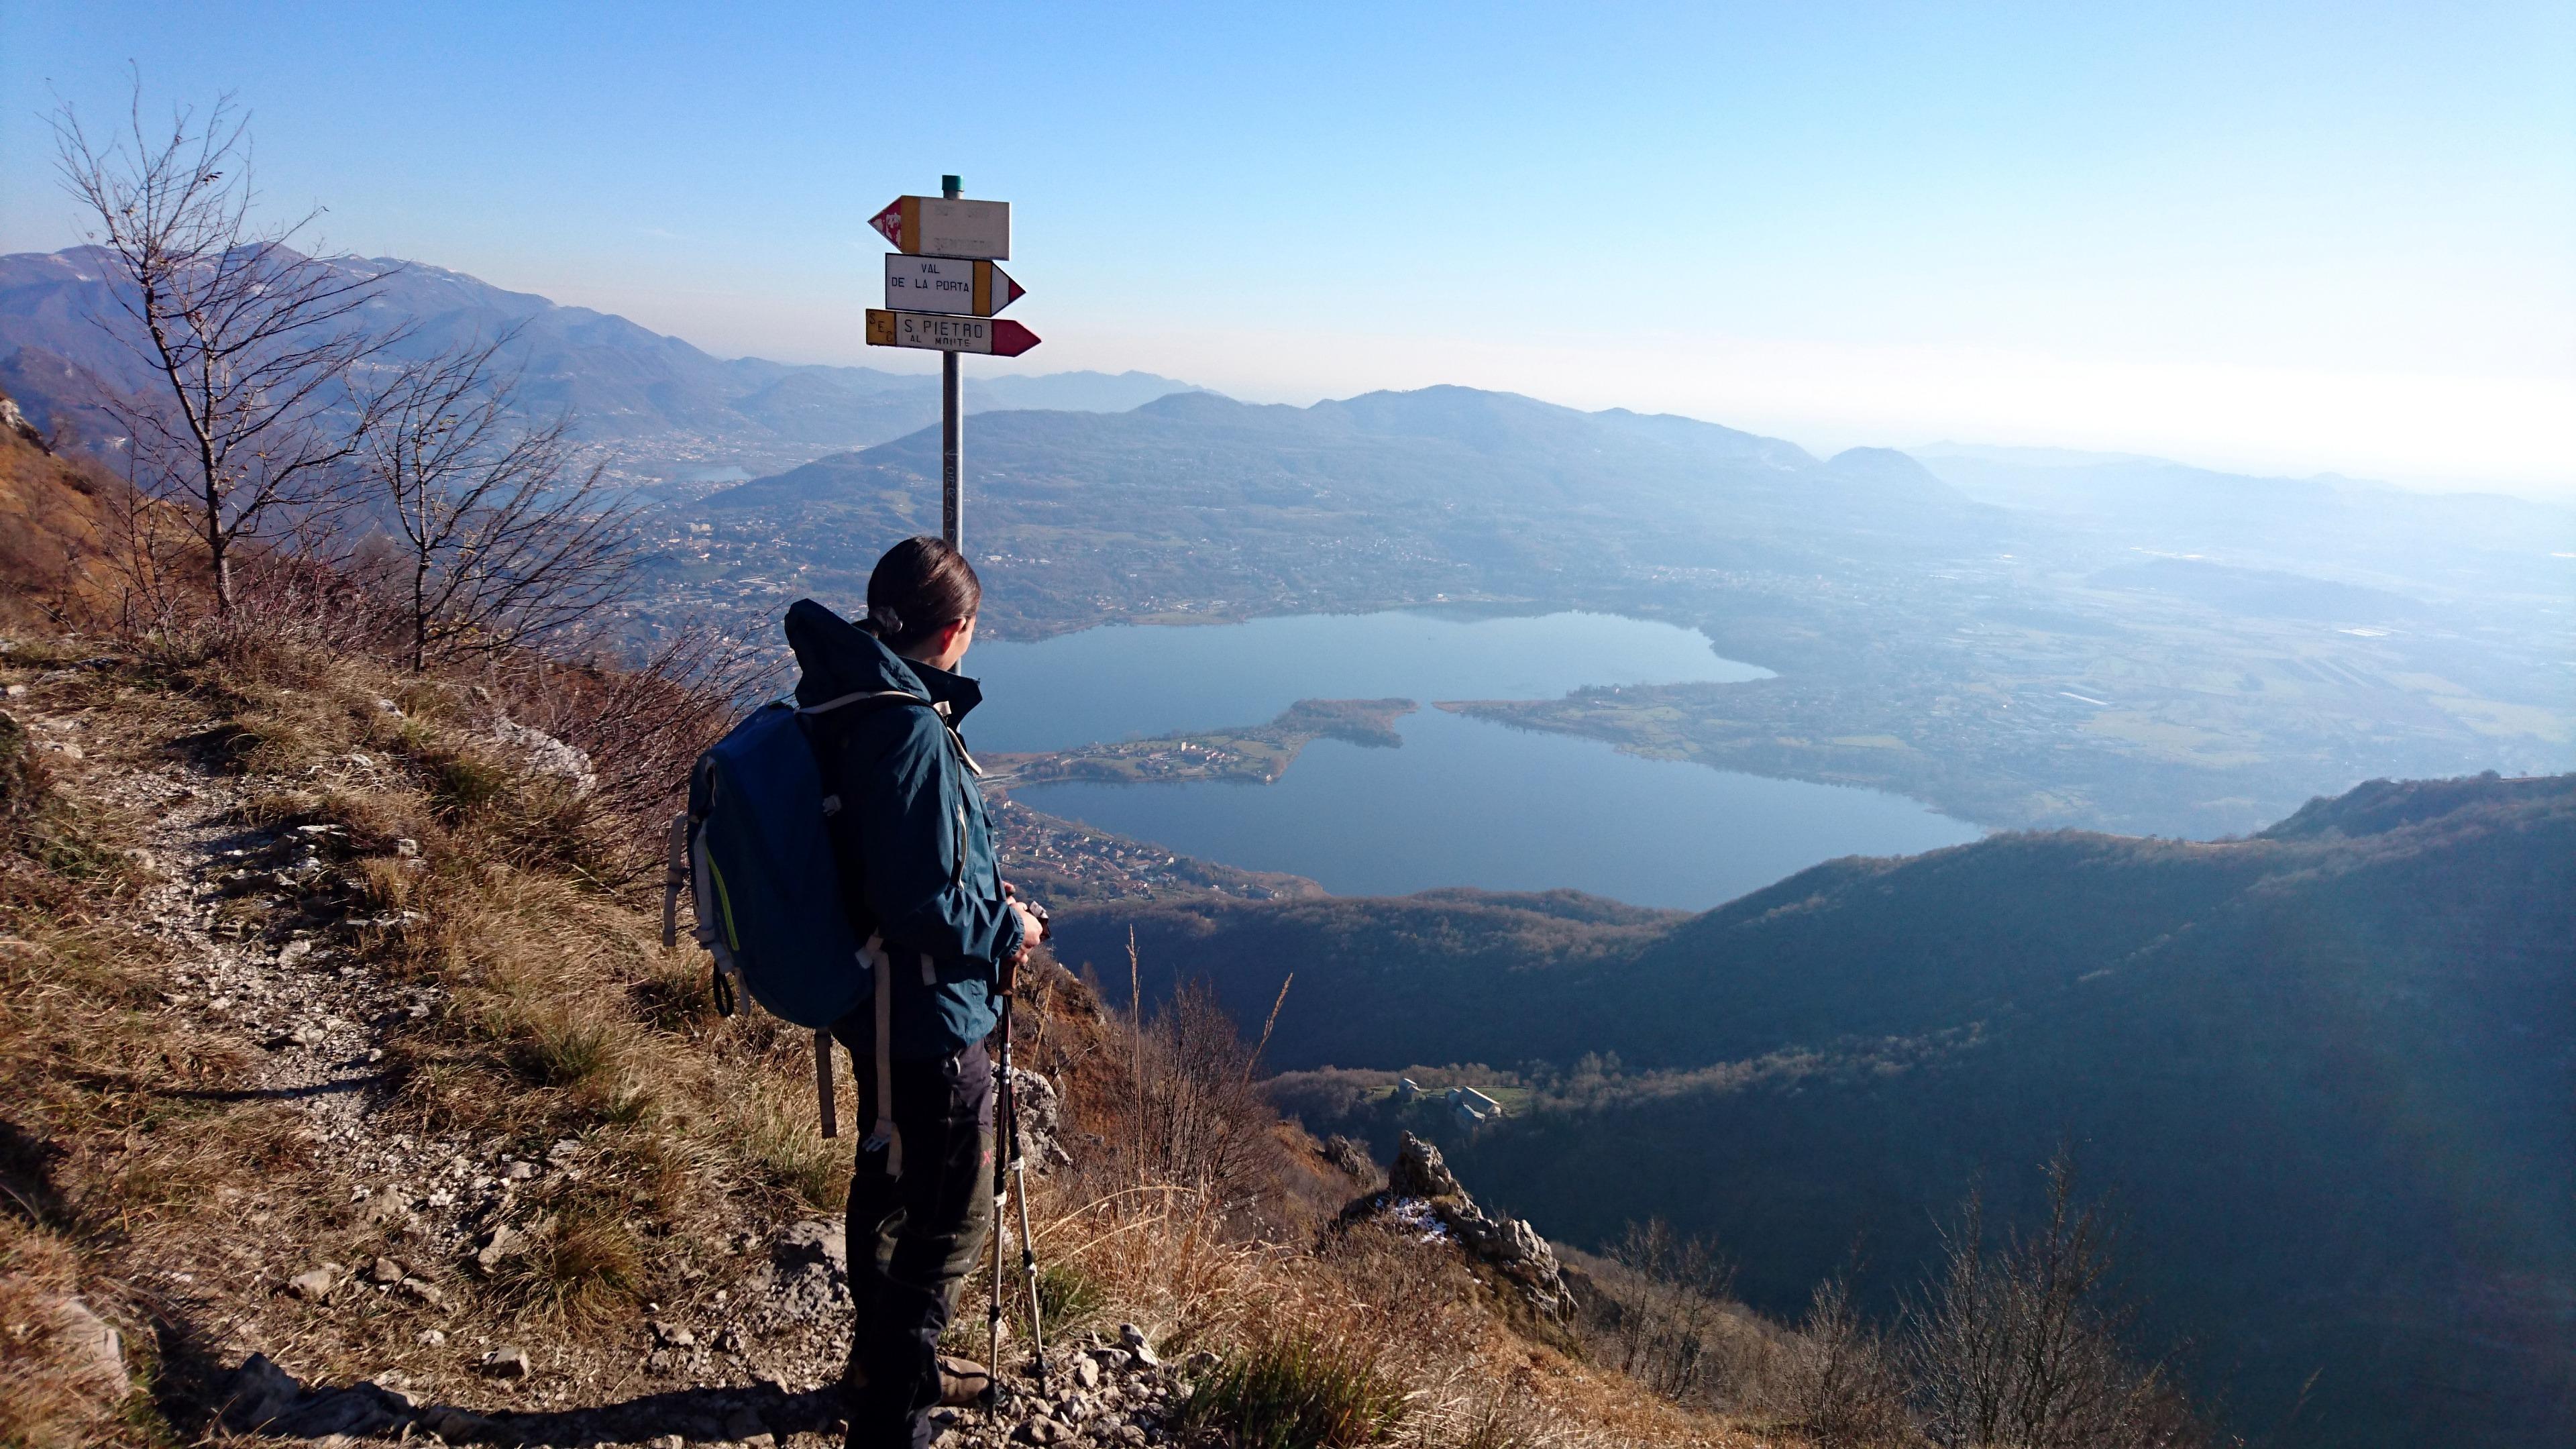 Volendo, si potrebbe proseguire e andare verso la cima del monte Rai, ma siamo pieni come delle bestie e preferiamo affrontare il processo digestivo in discesa... ;)